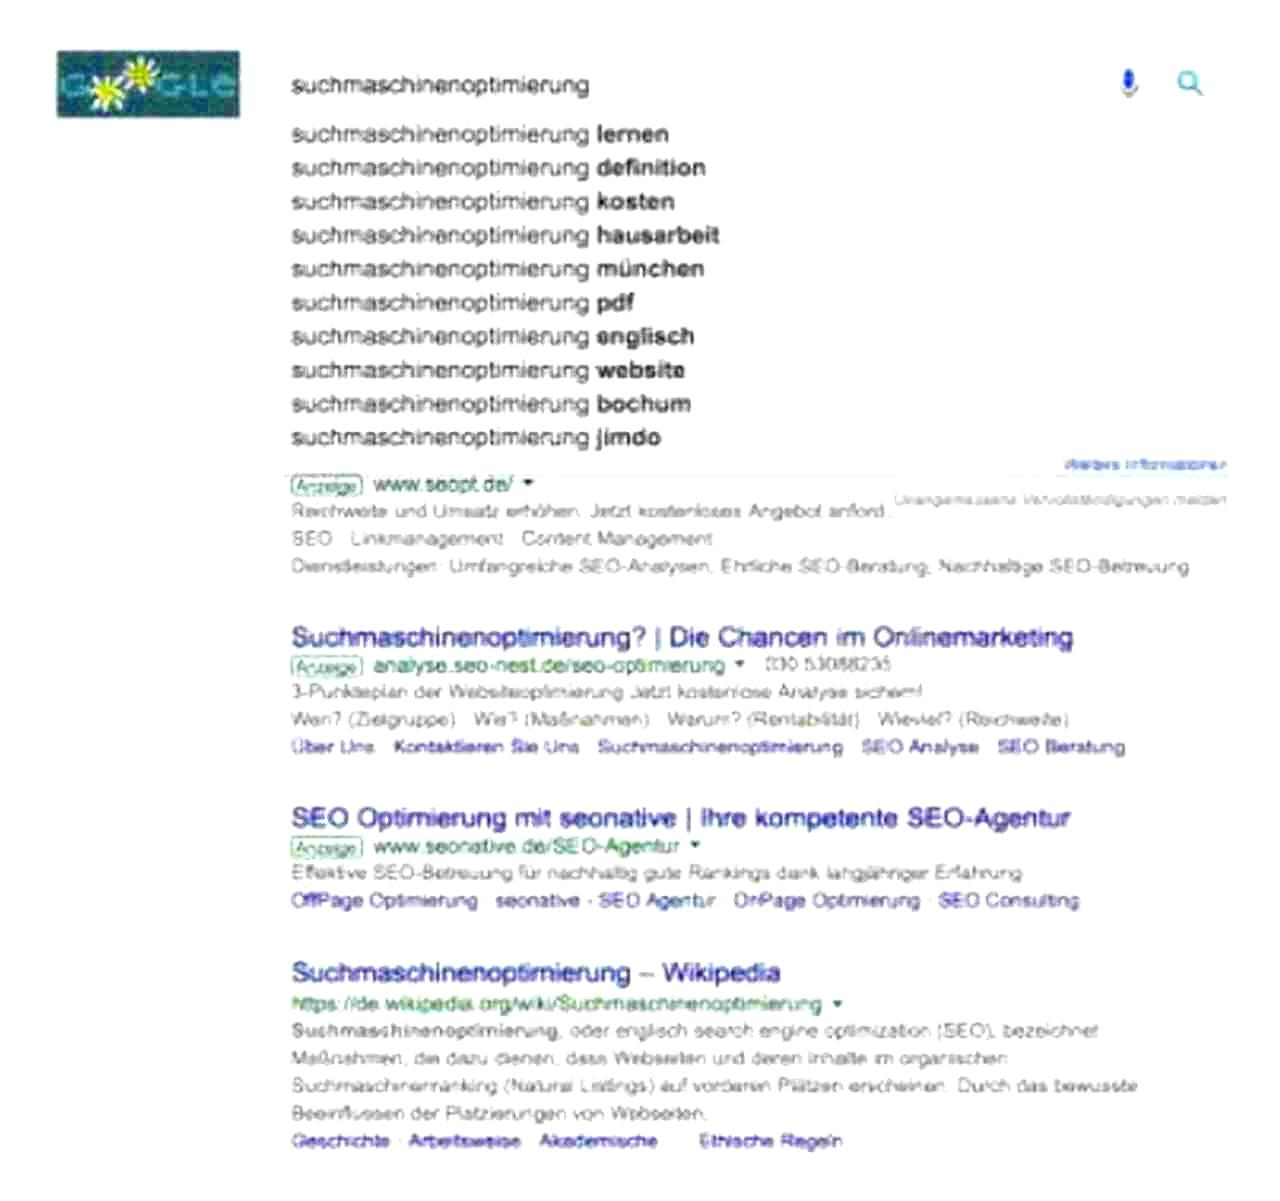 Google Suggest hilft bei der Keyword-Recherche